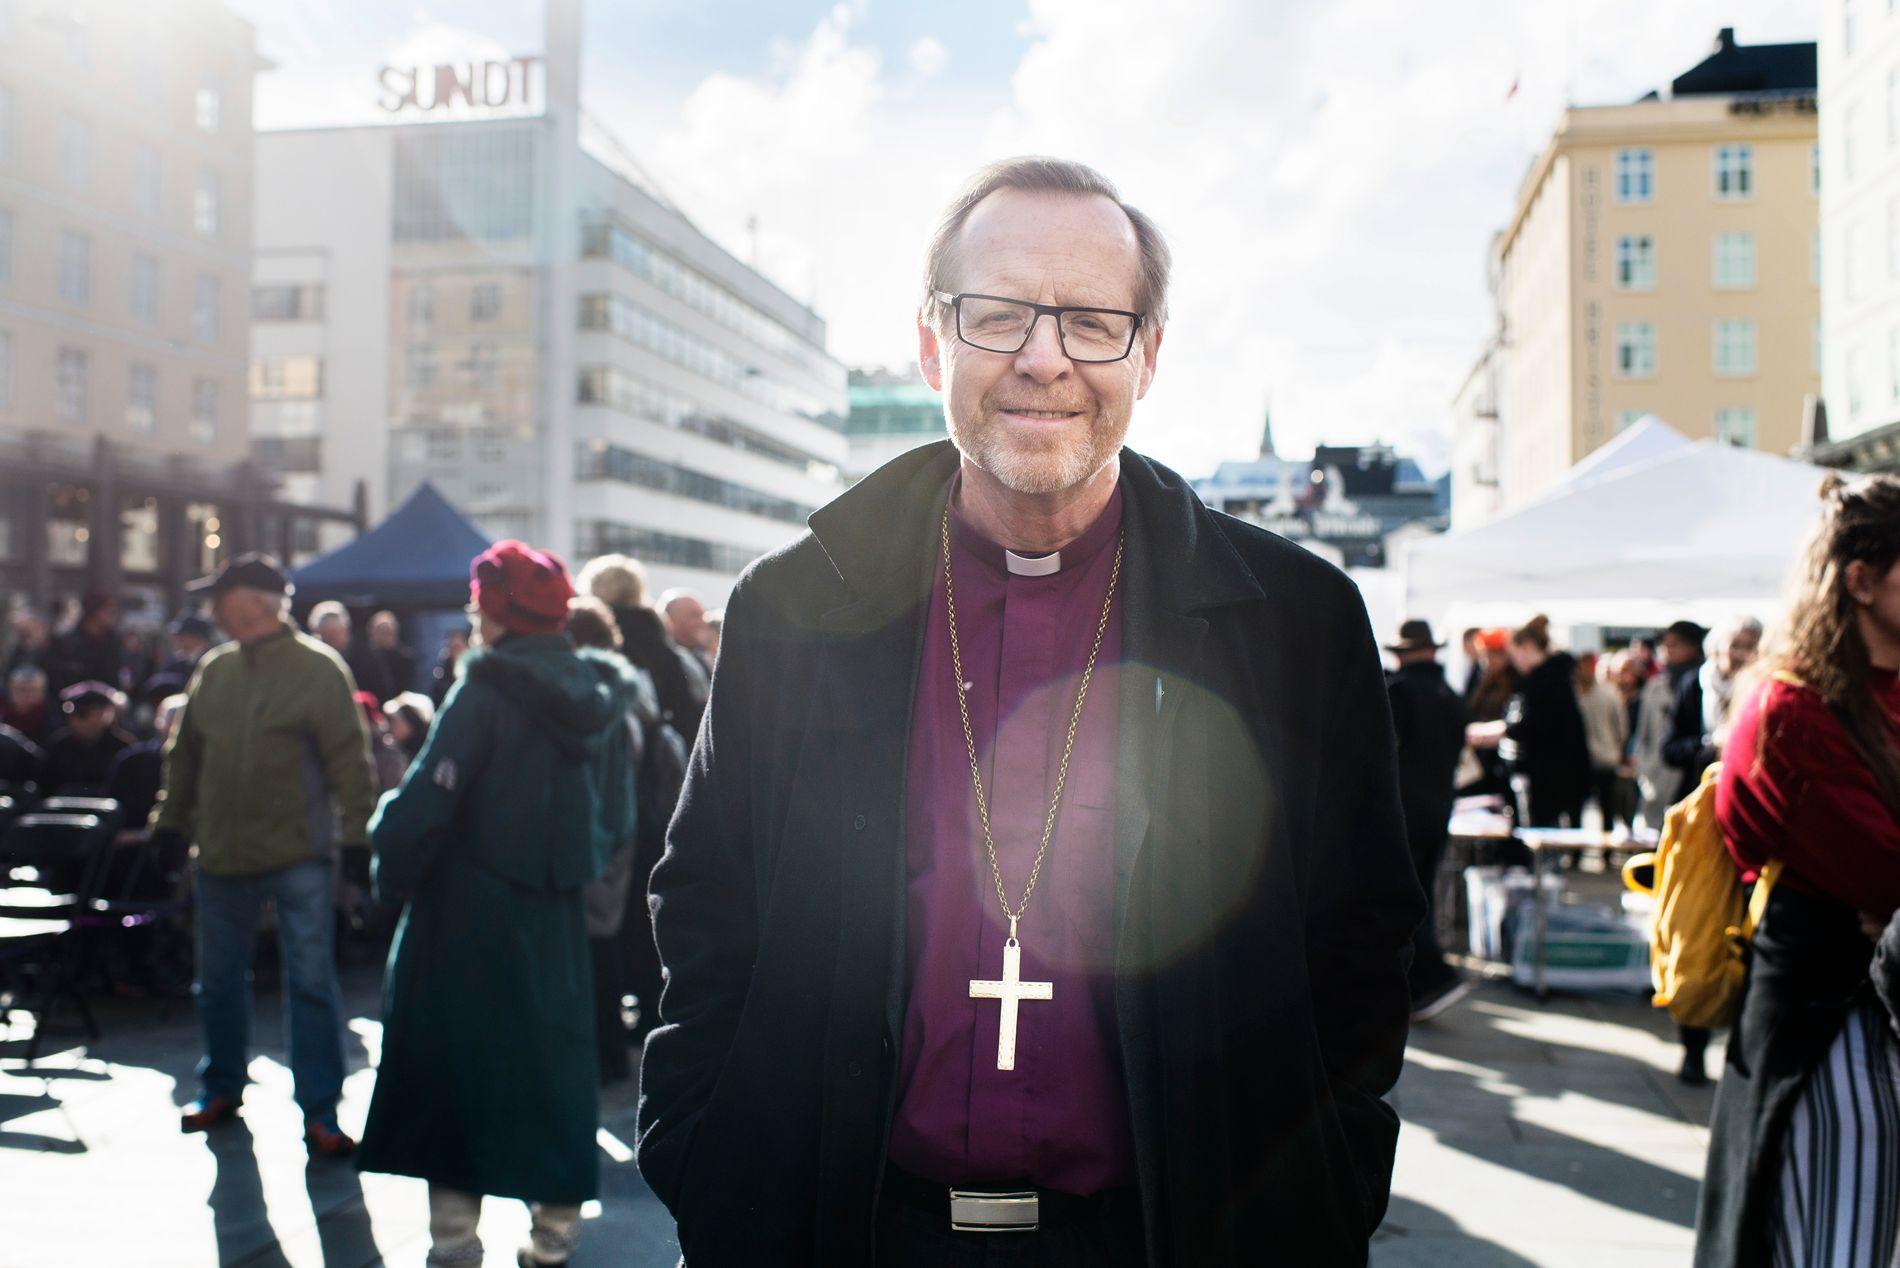 TAL: Sidan artikkelen i BT tek for seg Bergen og Sogn og Fjordane, vil det vera rimeleg å nytte tal for Bjørgvin, skriv biskopen.